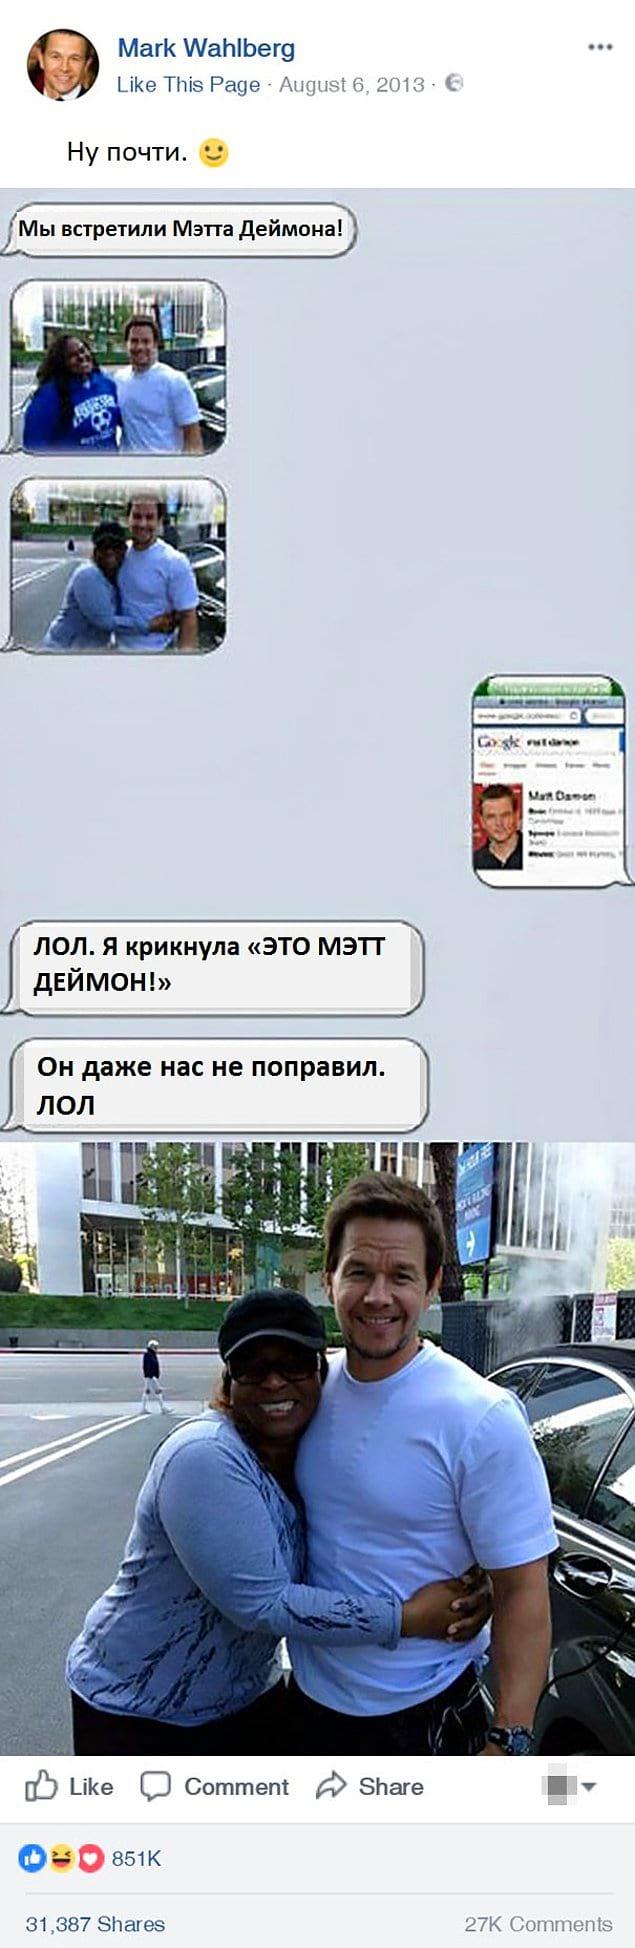 Так все-таки Мэтт или Марк? 😂